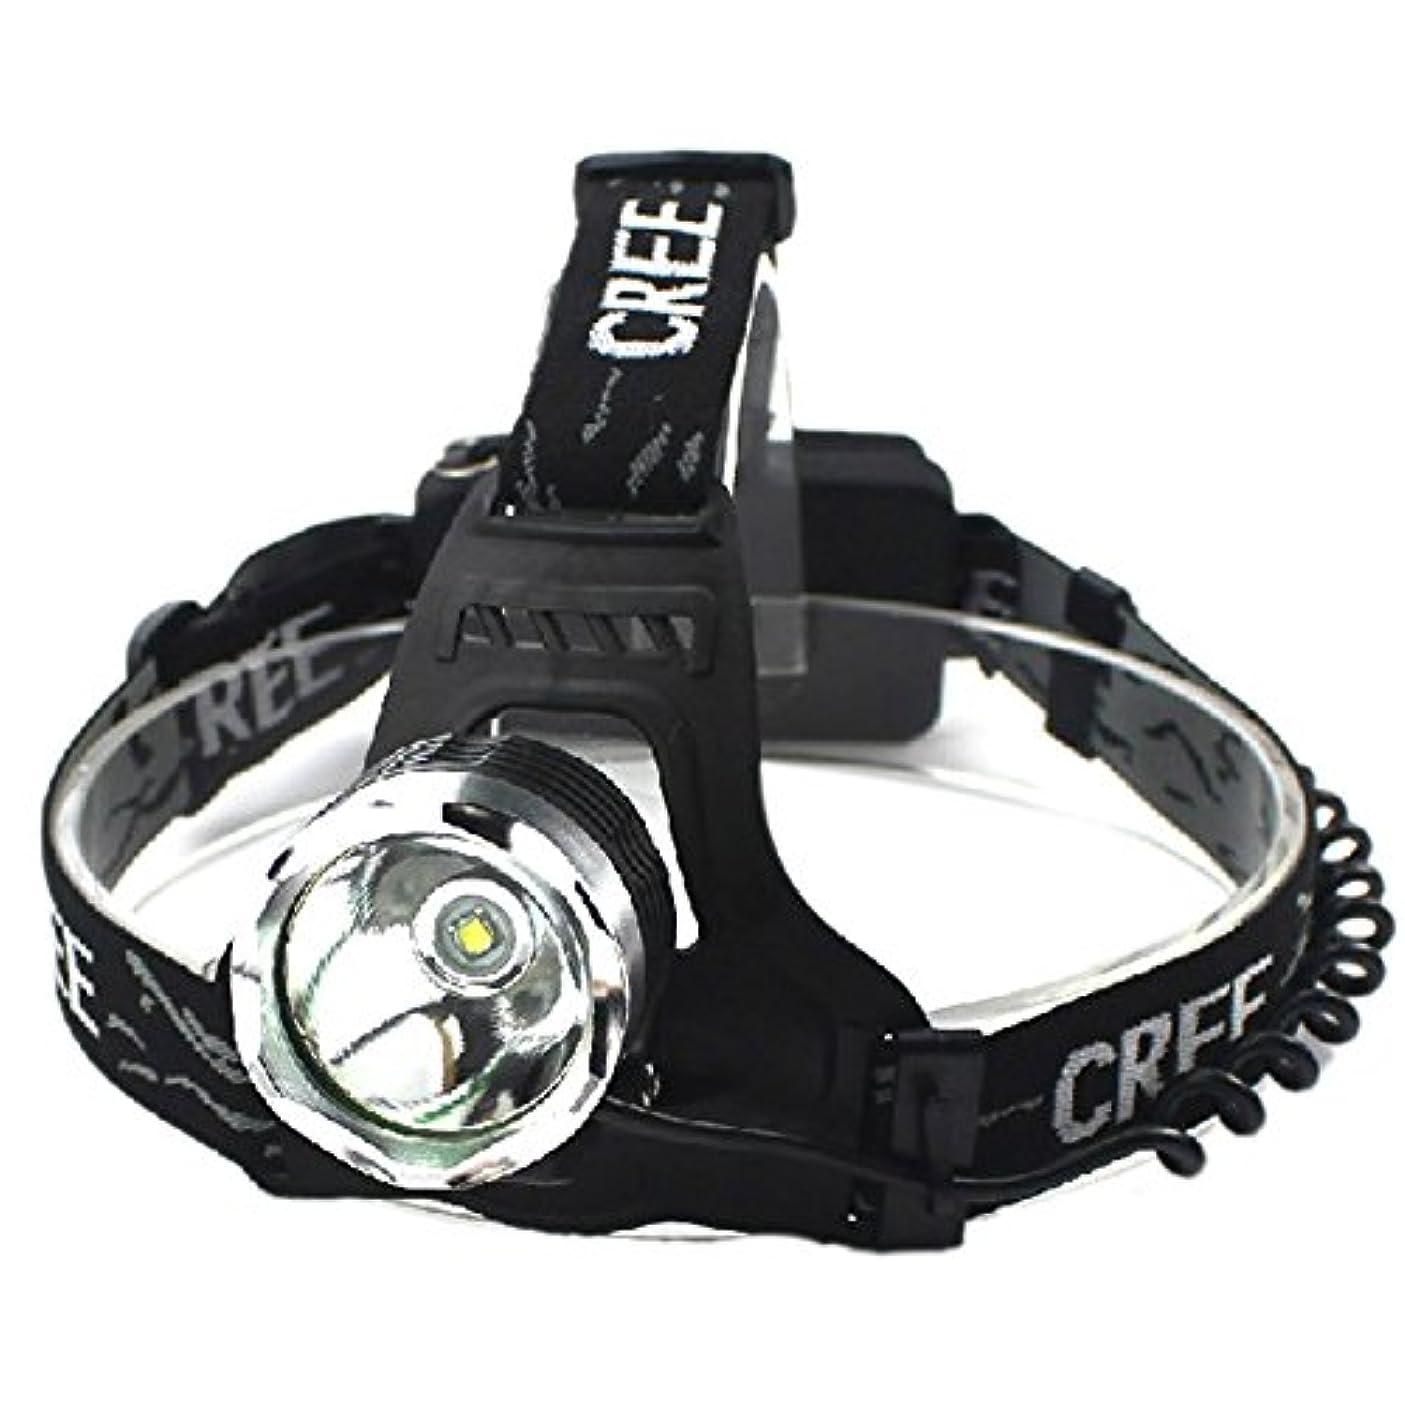 歯科医届ける同一のGOODGOODS LED 充電式 ヘッドライト 1800LM ヘッドランプ CREE XM-L T6 3モード機能付き【一年保証】 HL80